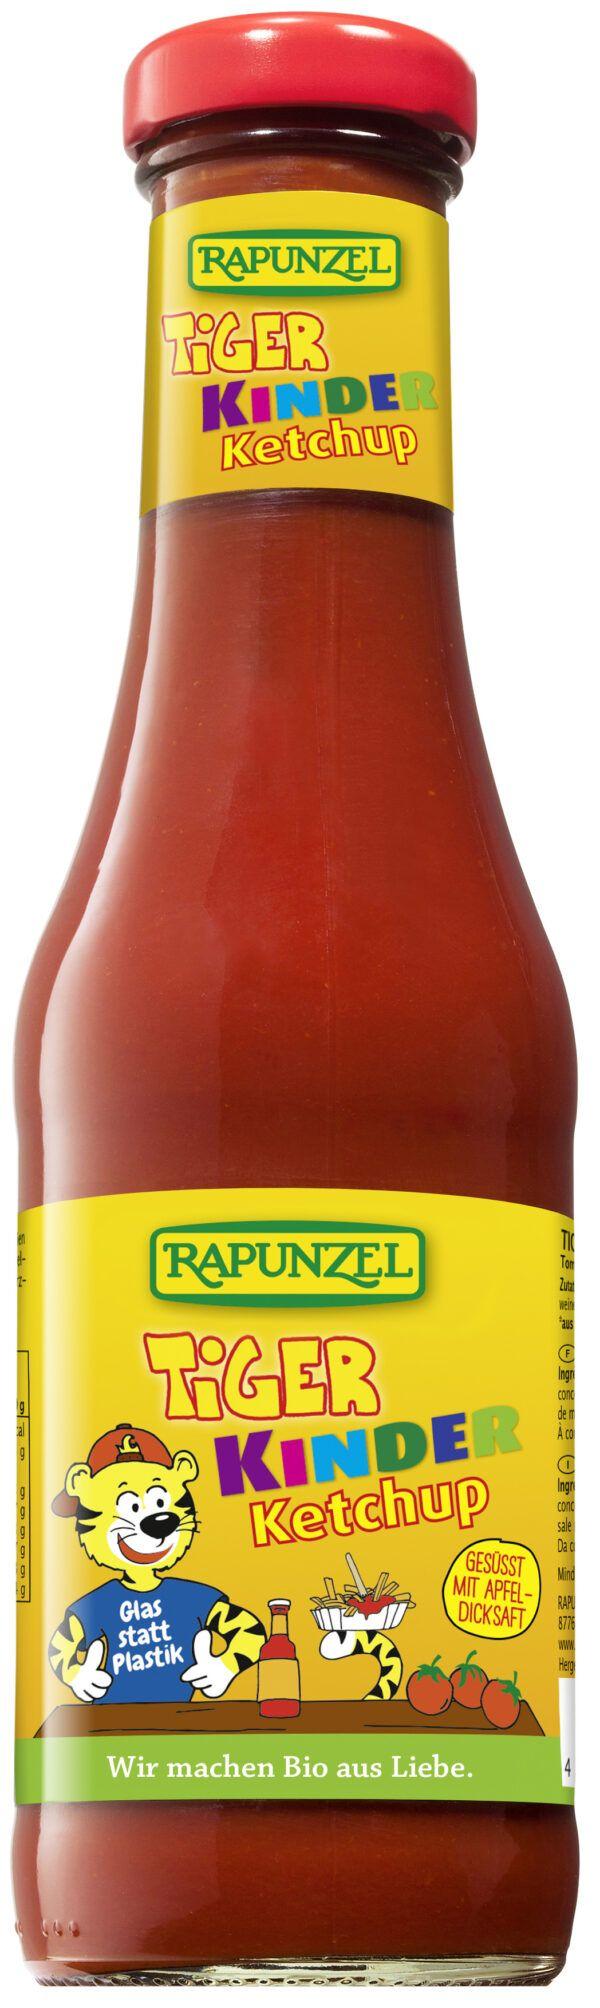 Rapunzel Tiger Kinder-Ketchup 6x450ml